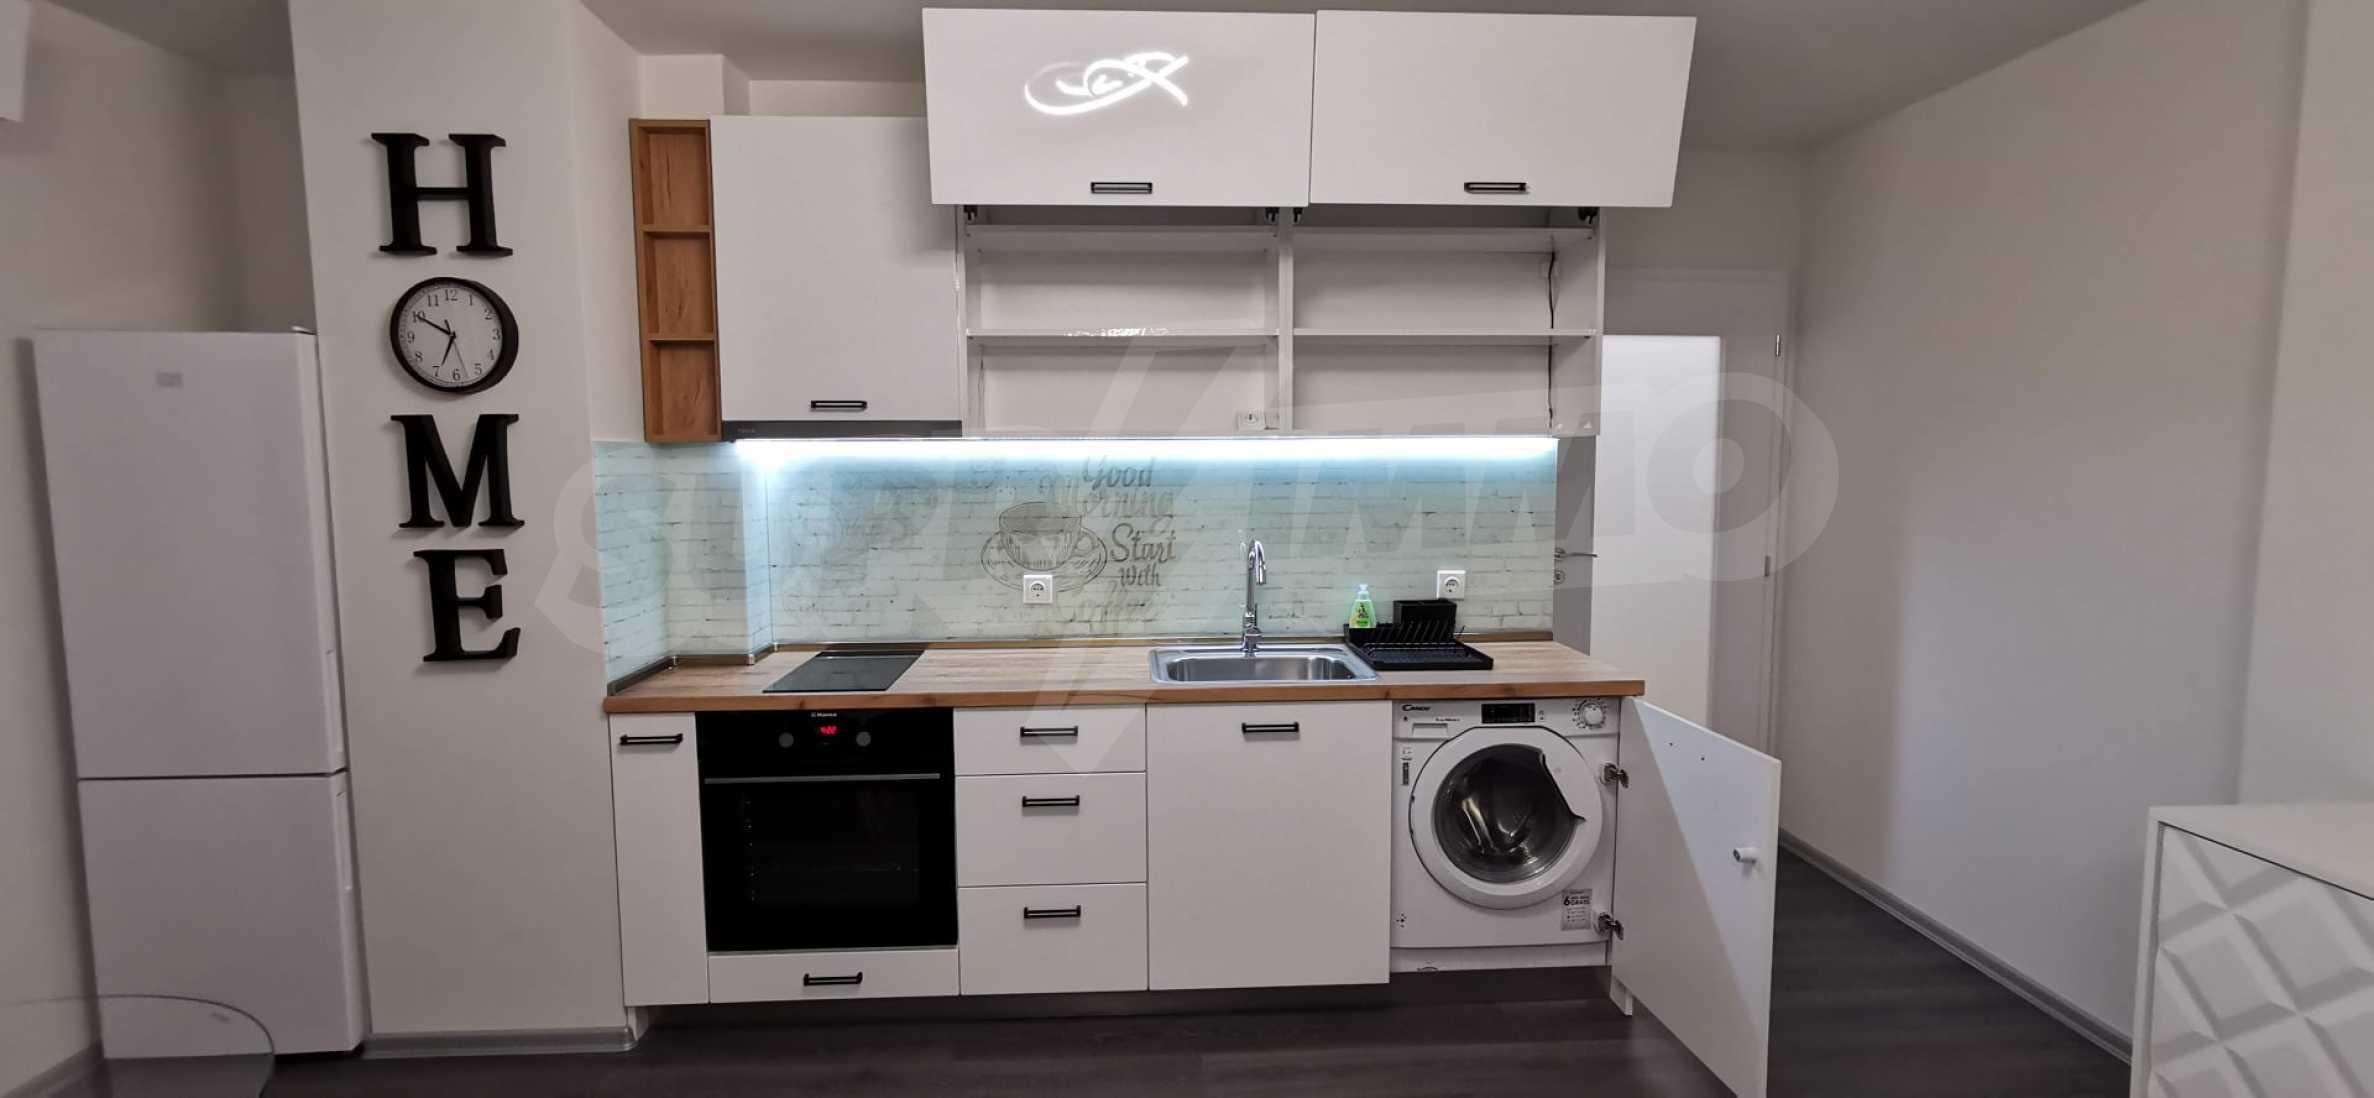 Новая стильно меблированная двухкомнатная квартира в Пловдиве, Центральный район, Каменица 6